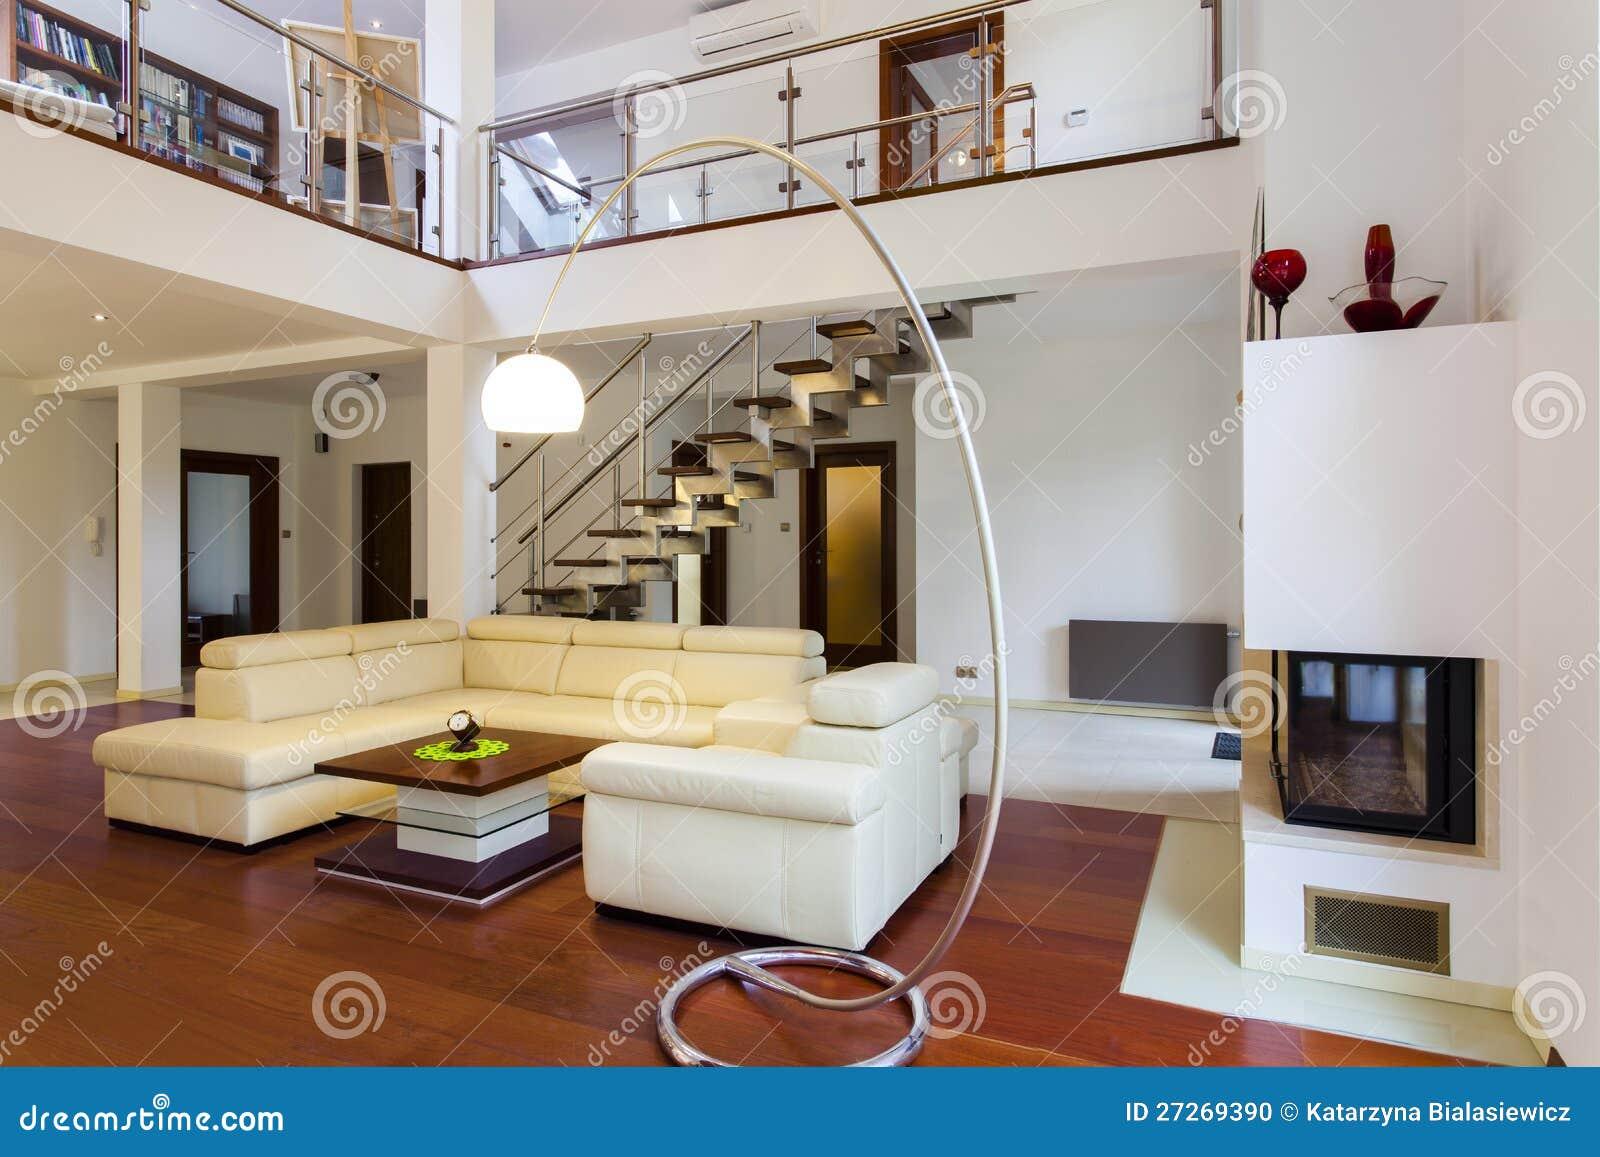 Koraalkleur De Woonkamer : De woonkamer van de ontwerper stock foto afbeelding bestaande